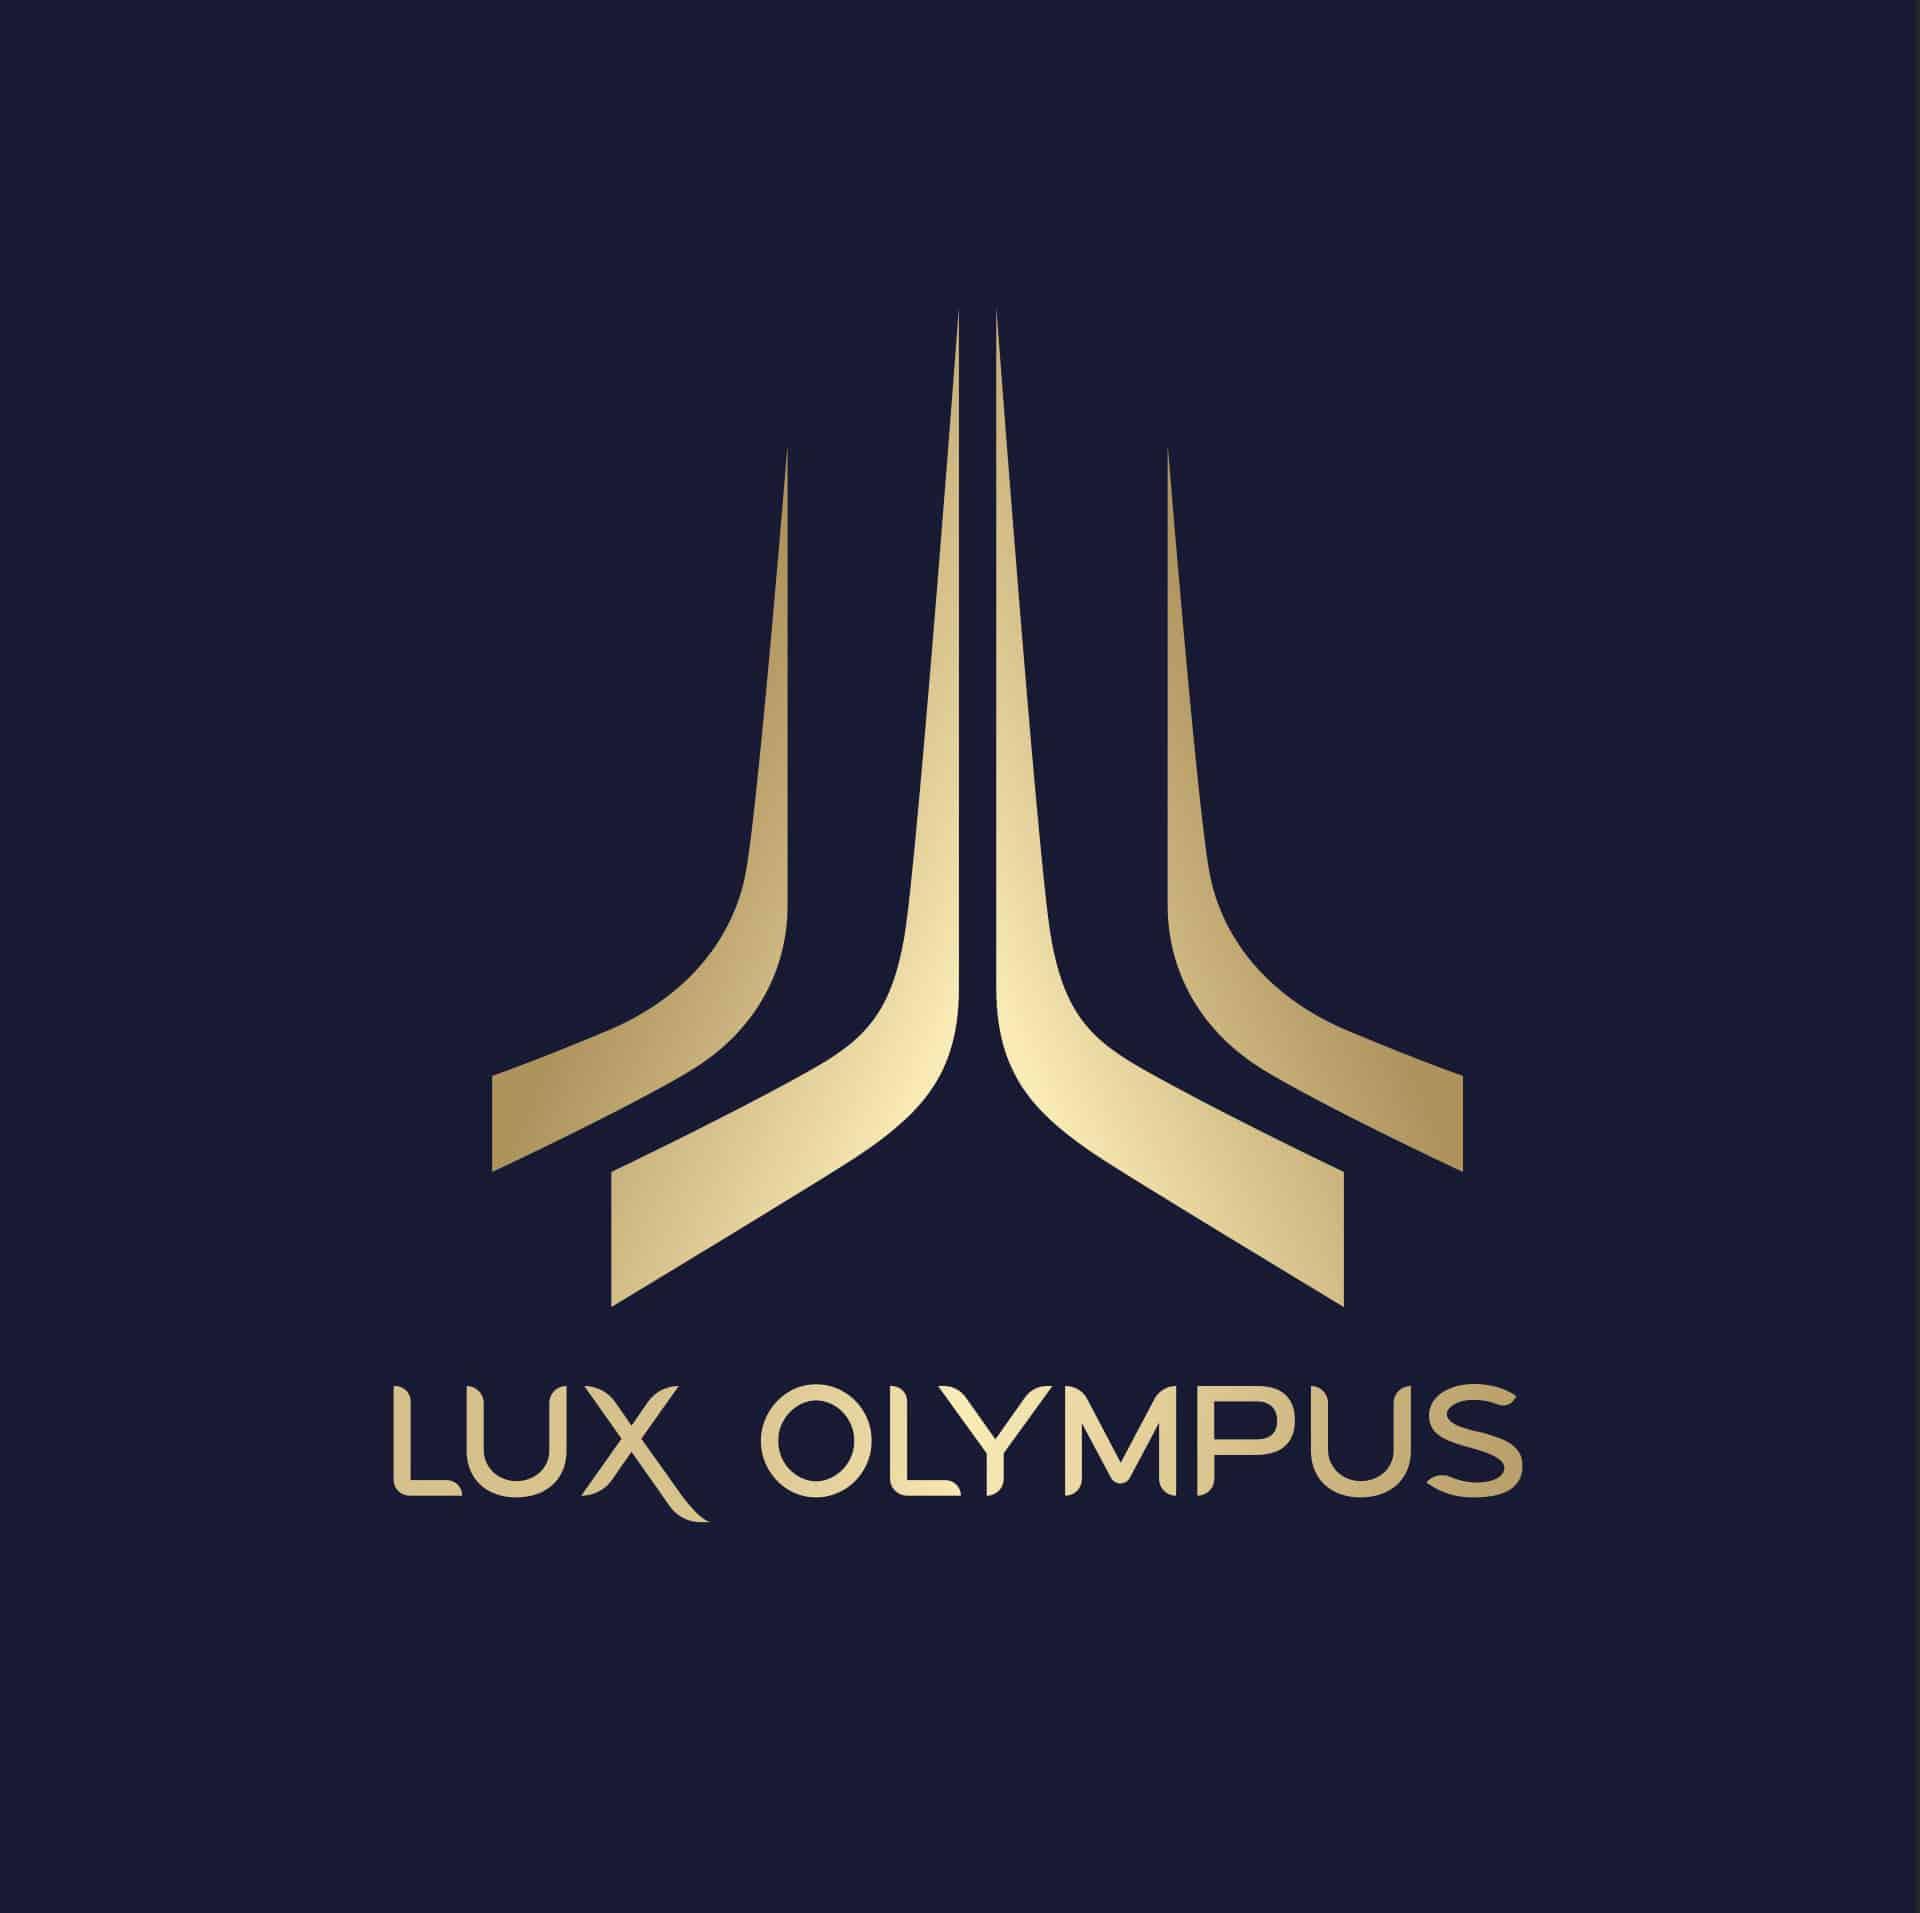 PROPAGANDA - lux olympus logo BLUE